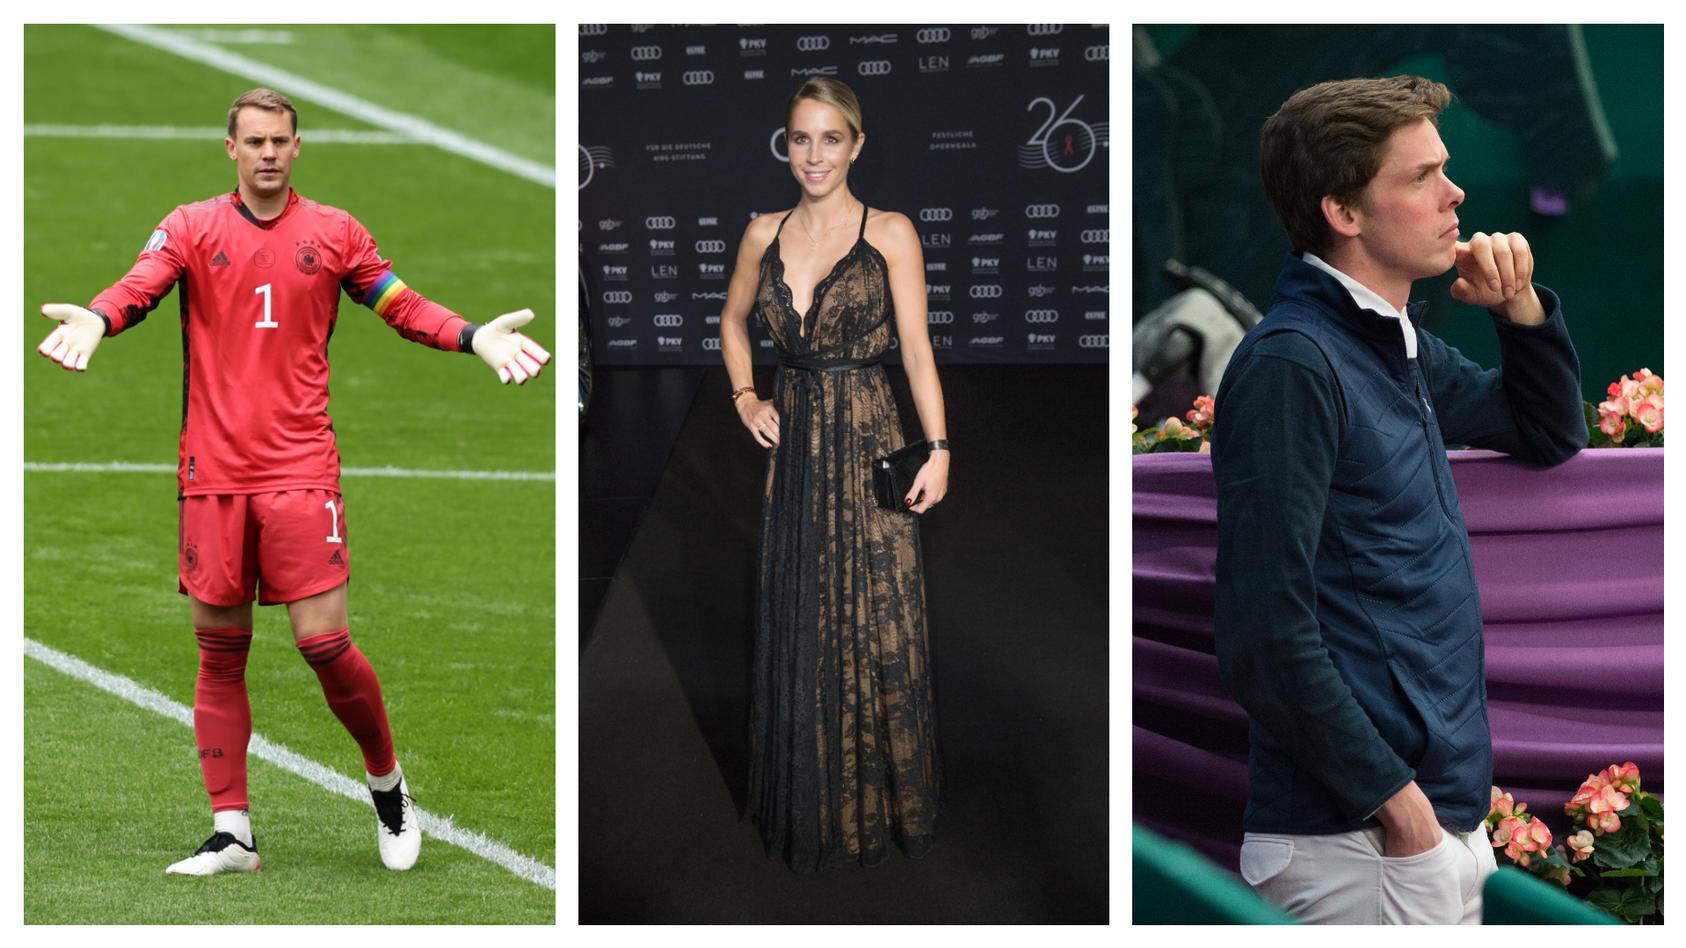 Manuel Neuer war früher mit Nina Neuer verheiratet, nun liebt sie Springreiter Jan-Philipp Weichert.